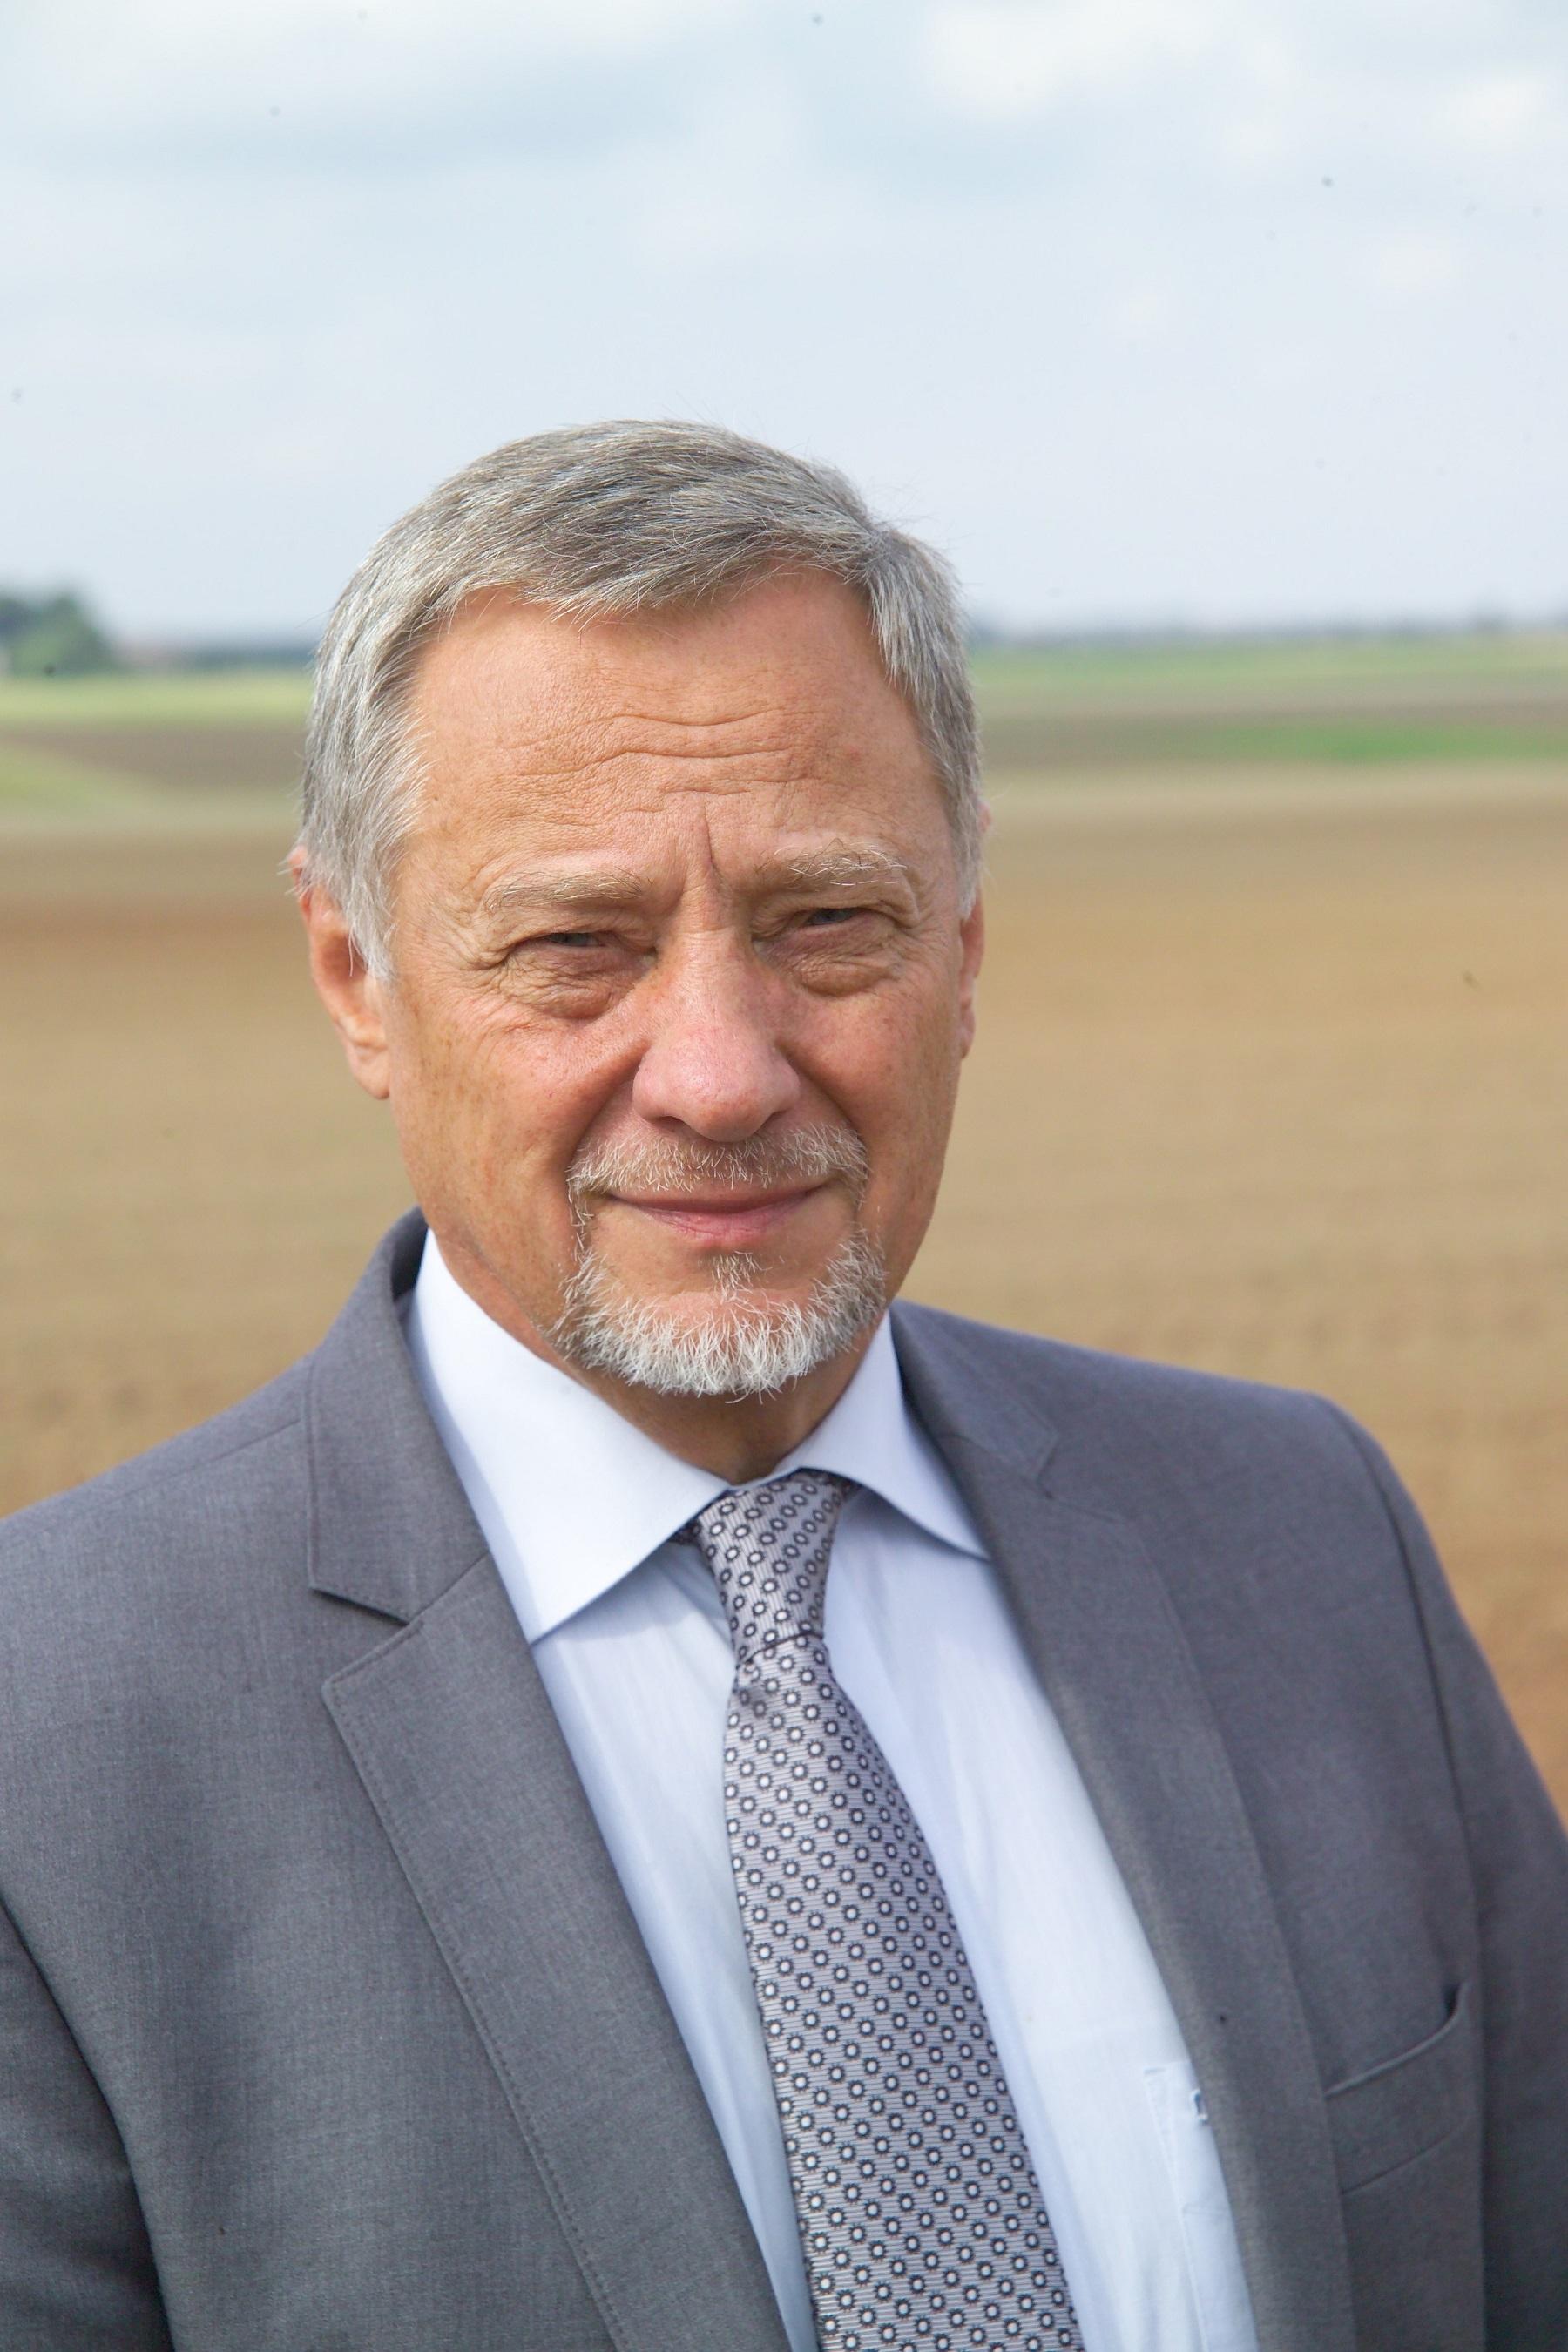 Lietuvos agrarinių ir miškų mokslų centro (LAMMC) Žemdirbystės instituto vyriausiasis mokslo darbuotojas doc. dr. Vytautas Ruzgas.